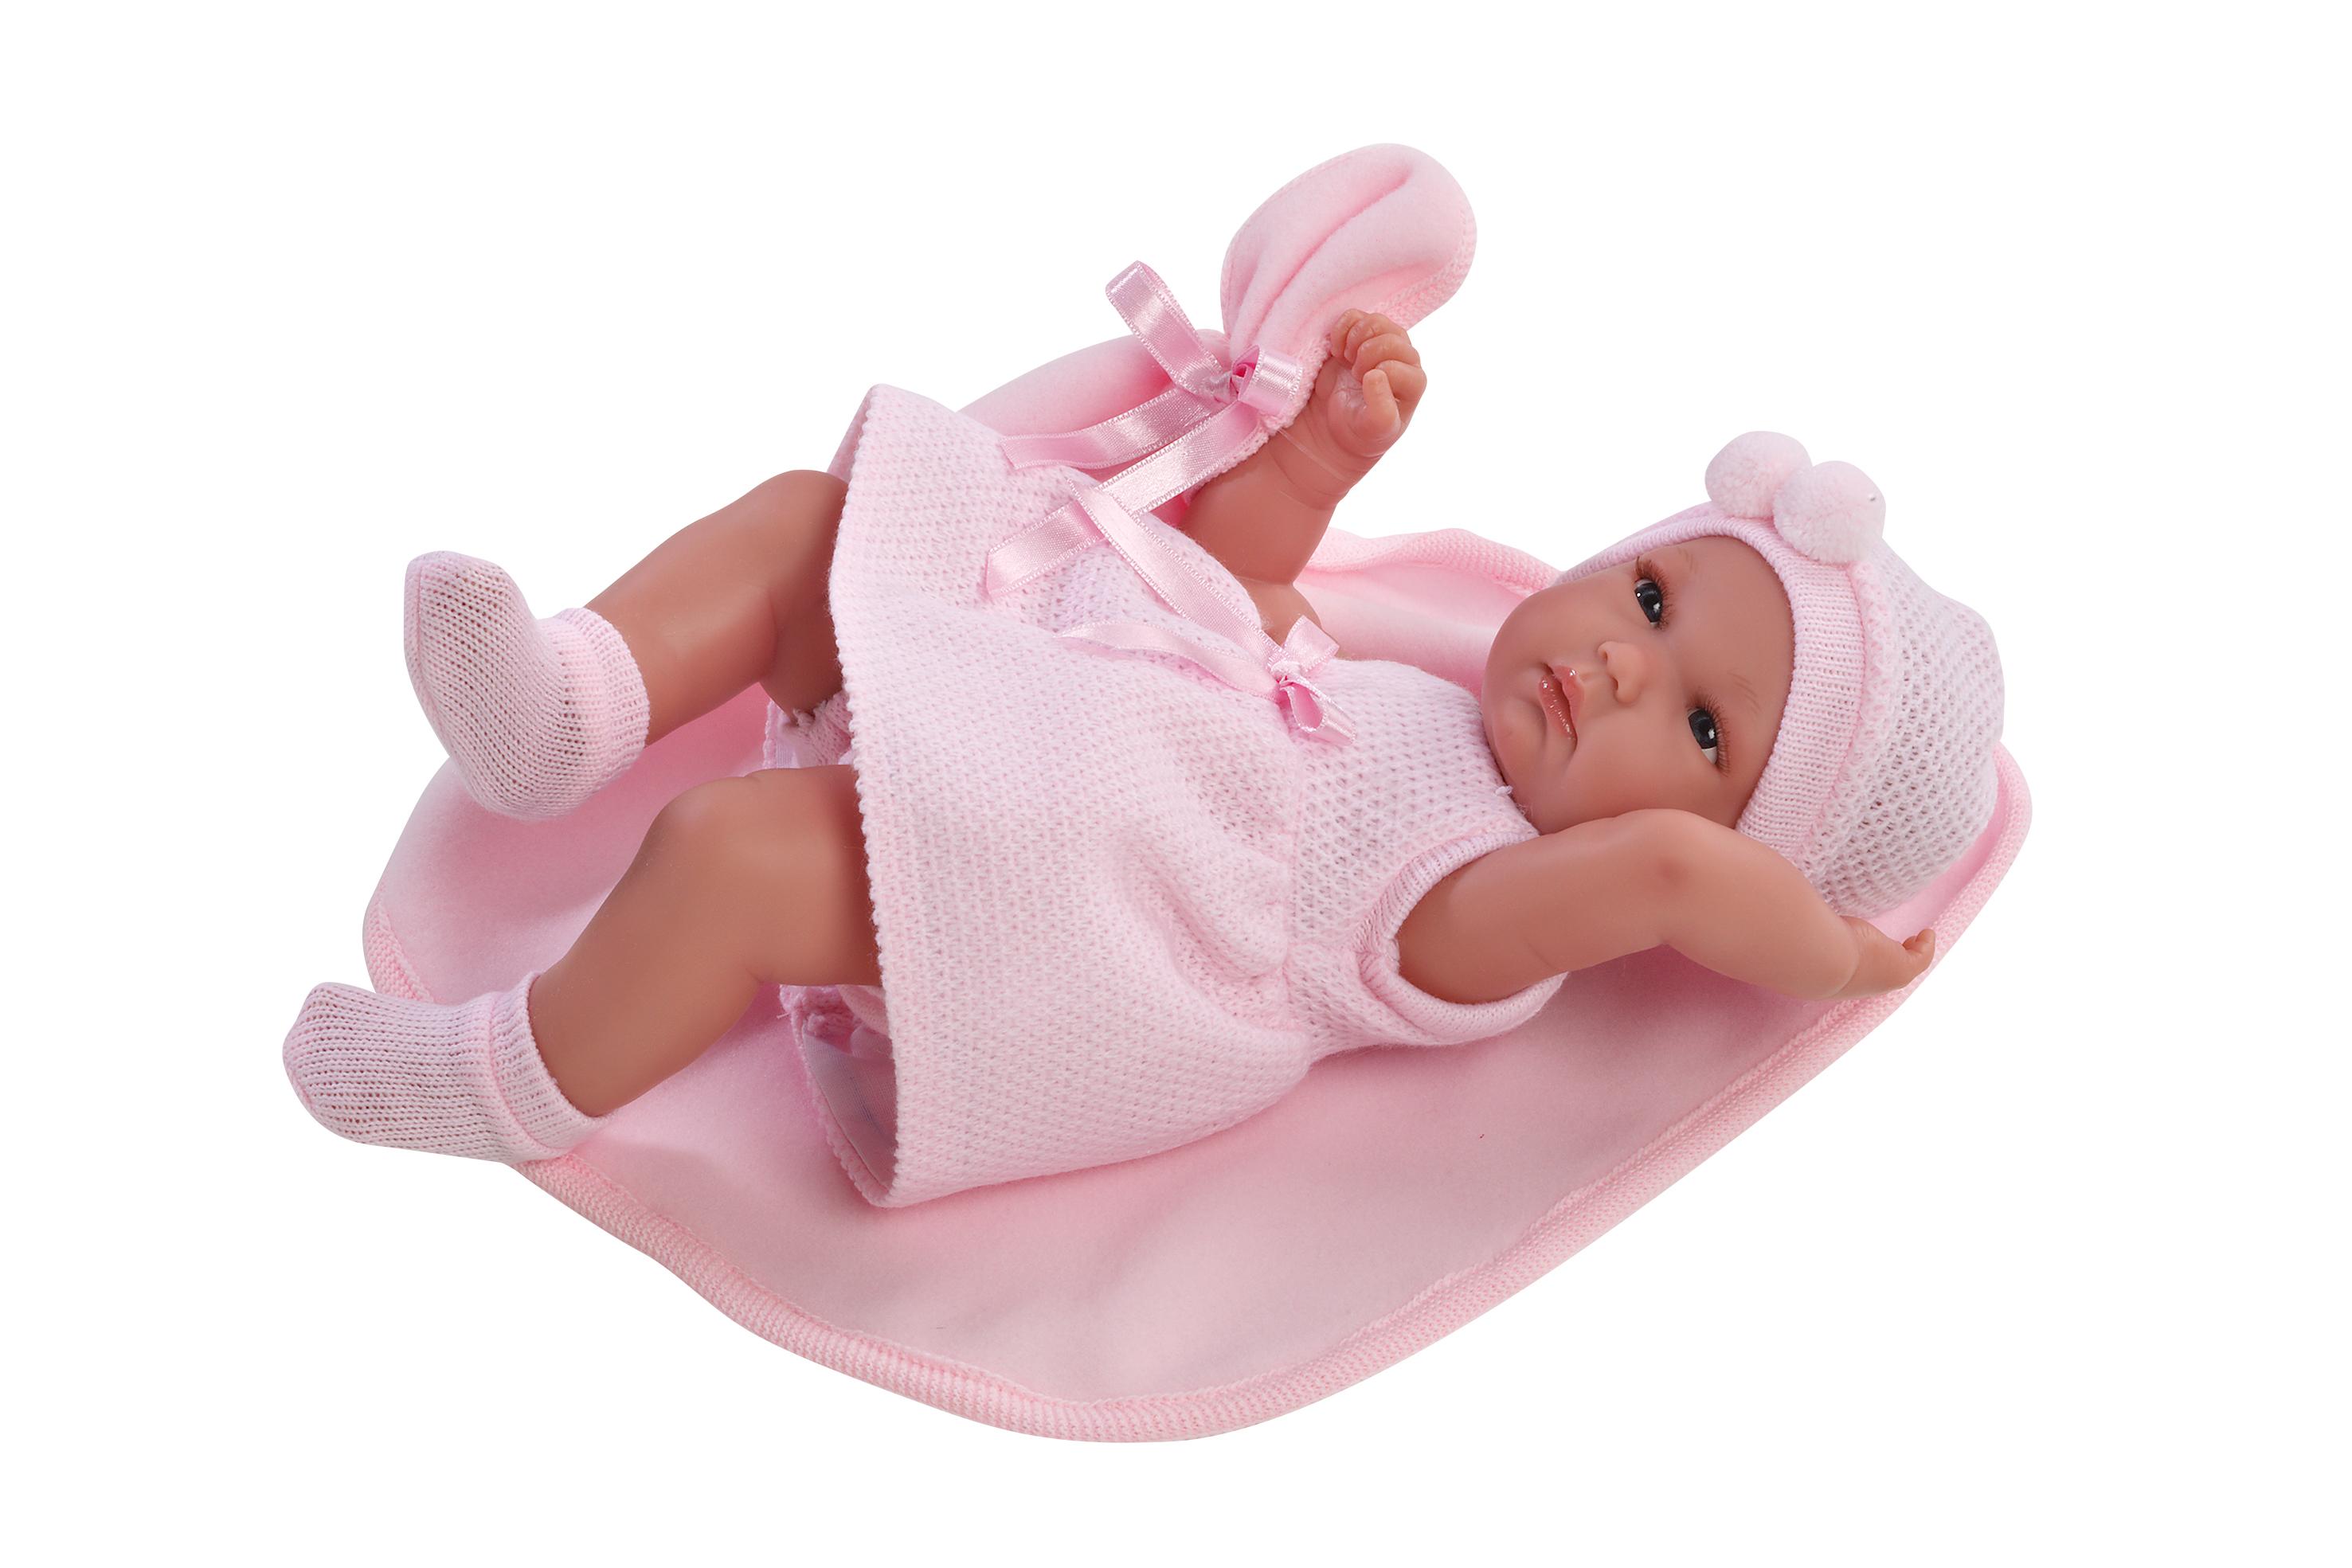 Llorens Babypoppen 35 Cm Babypop Bimba 187 Poptiek Nl